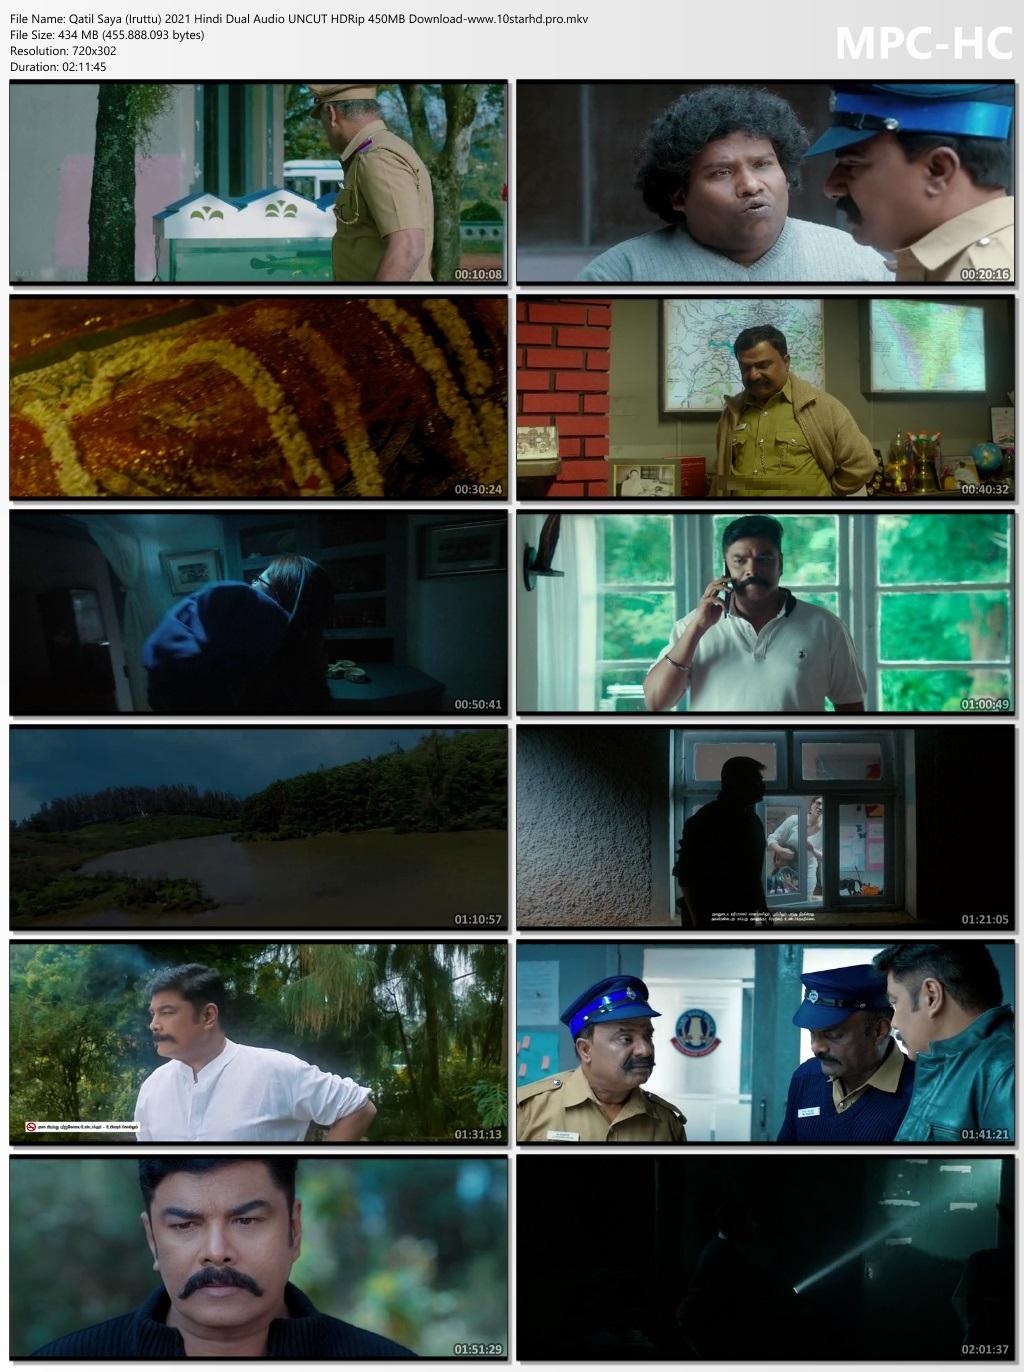 Qatil Saya (Iruttu) 2021 Hindi Dual Audio UNCUT HDRip 400MB Download | 10starhd.pro